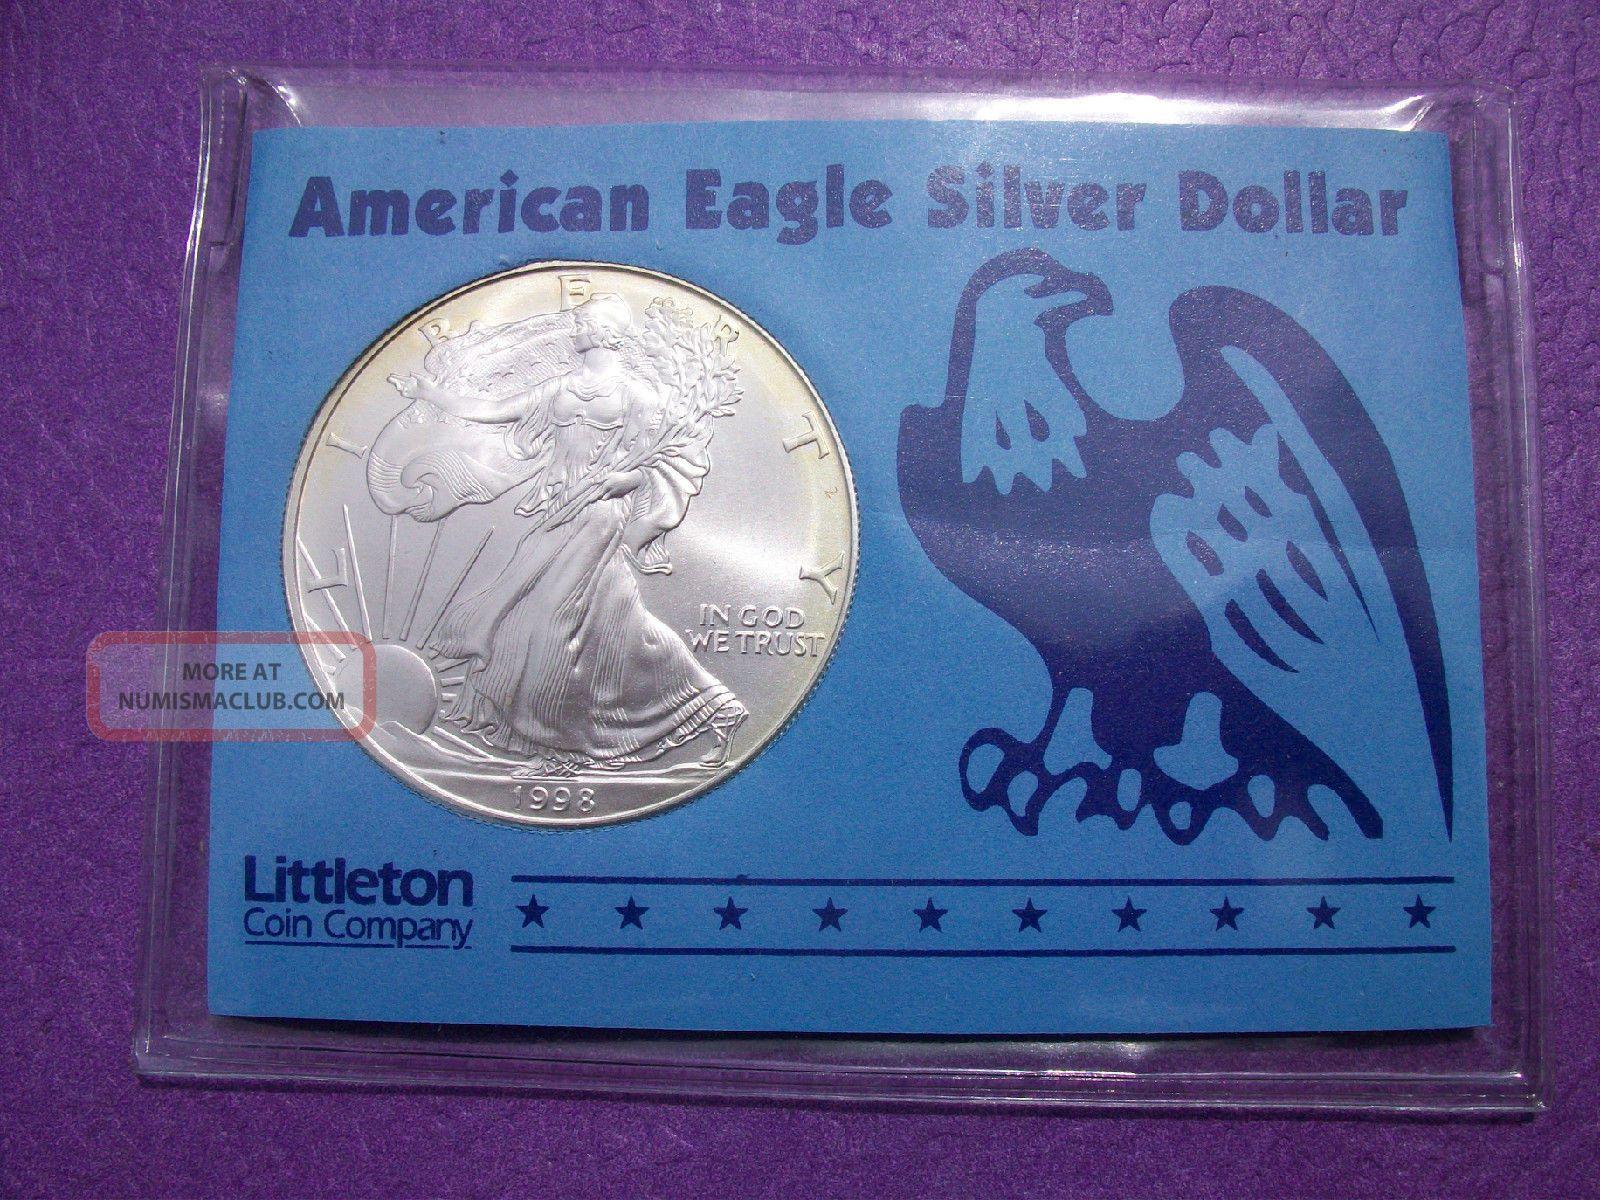 1998 American Eagle Silver Dollar 1 Oz 999 Pure Silver